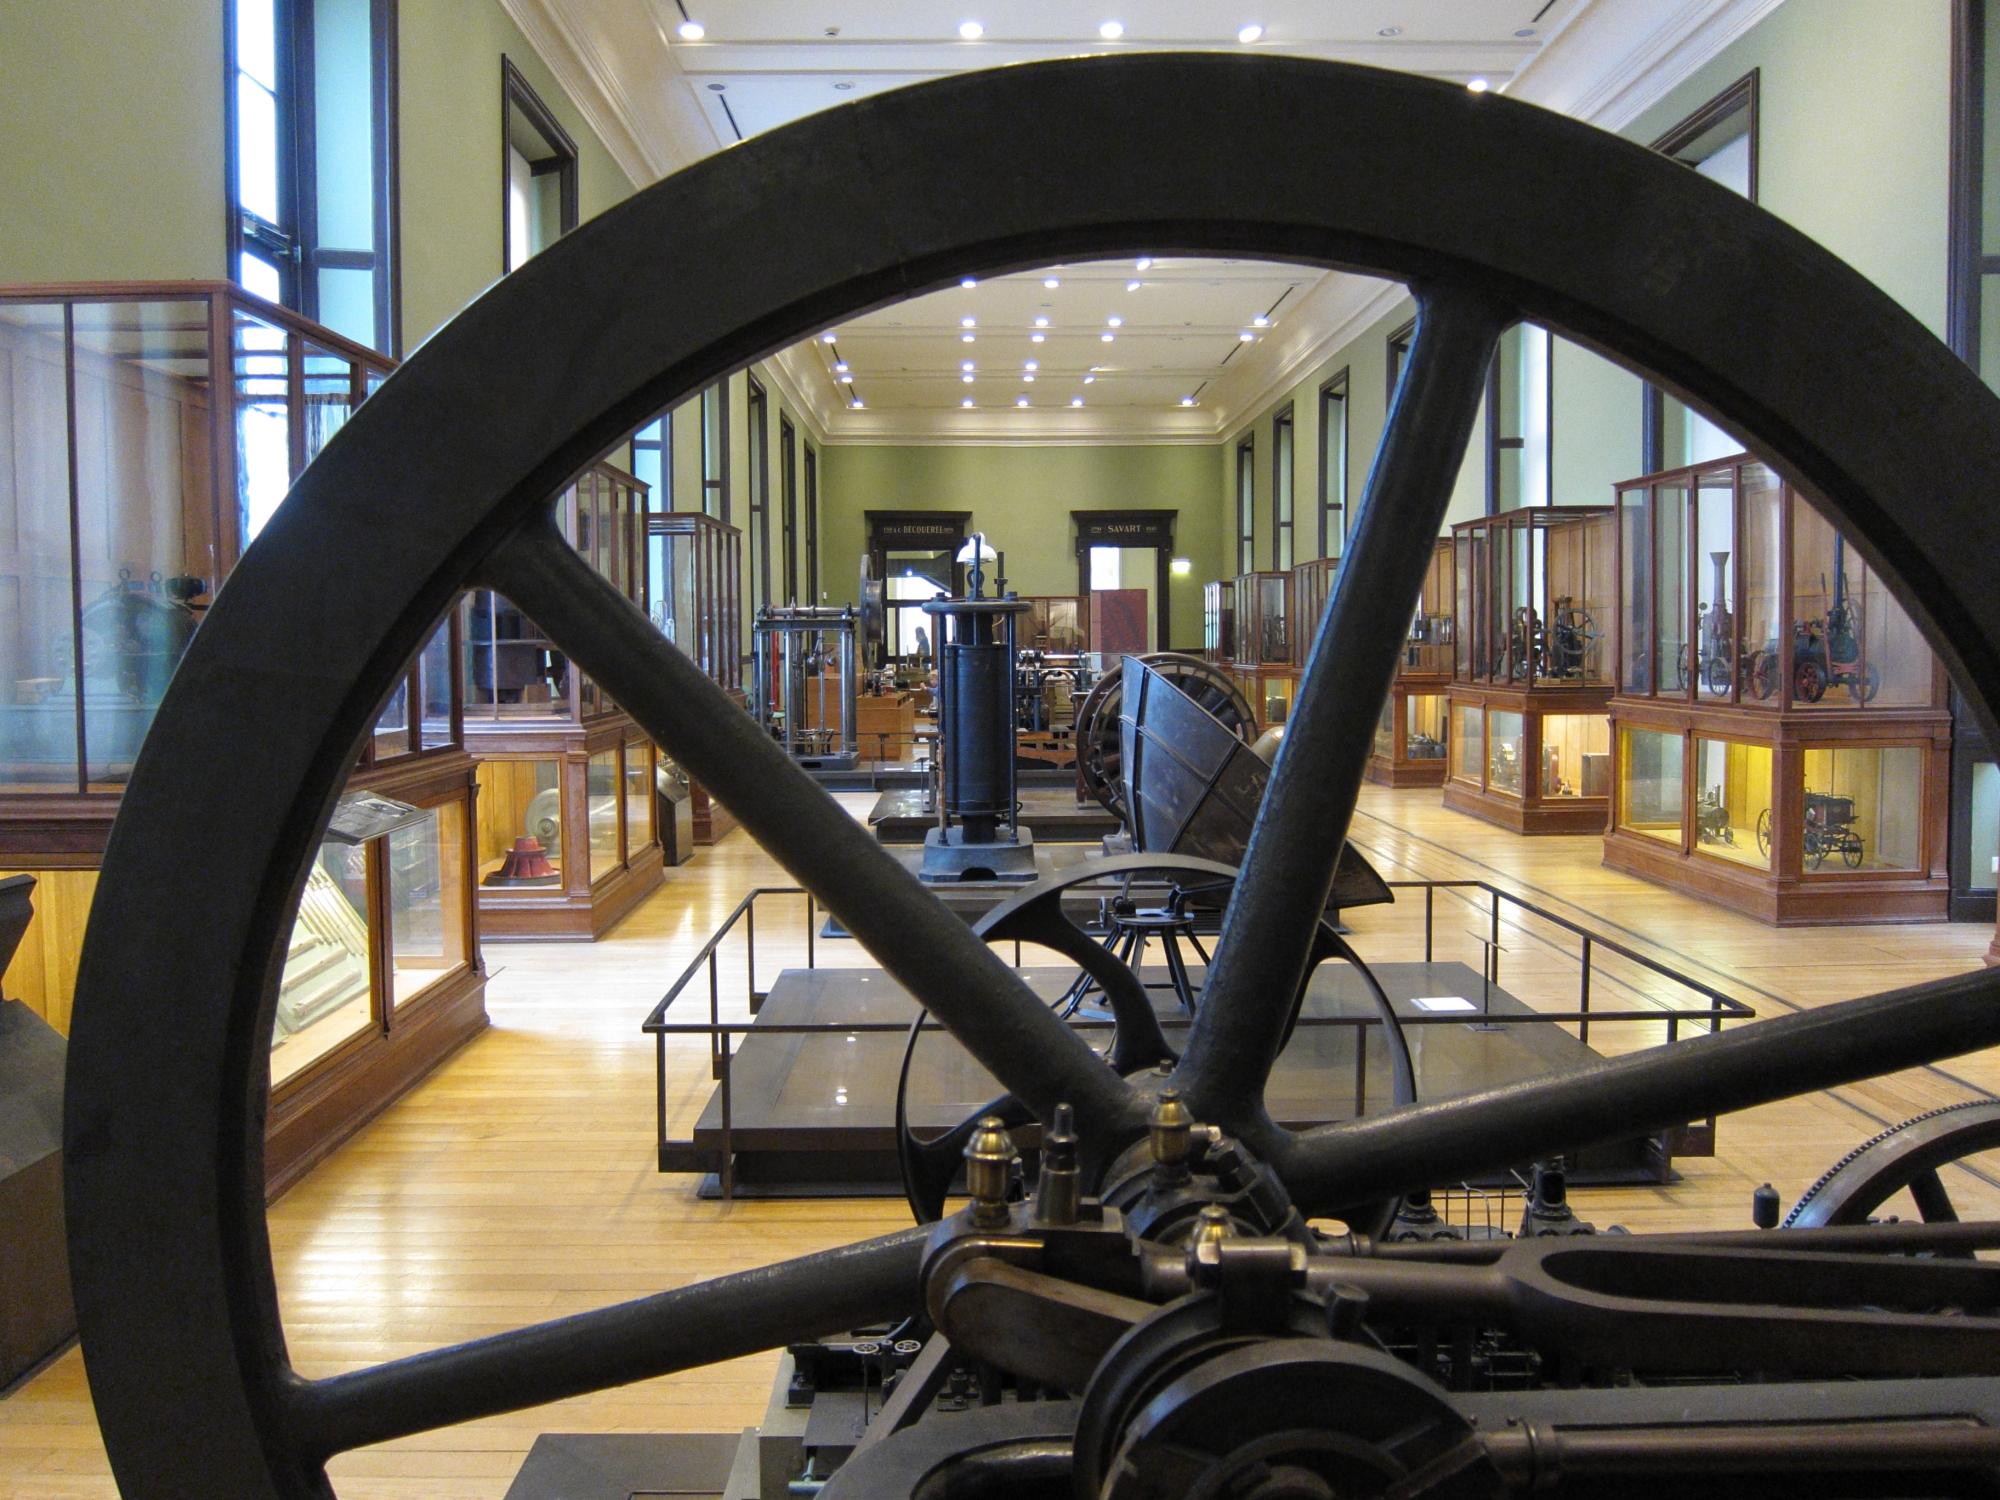 One of dozens of exhibit halls at the massive and marvellous Musée des Arts et Métiers.